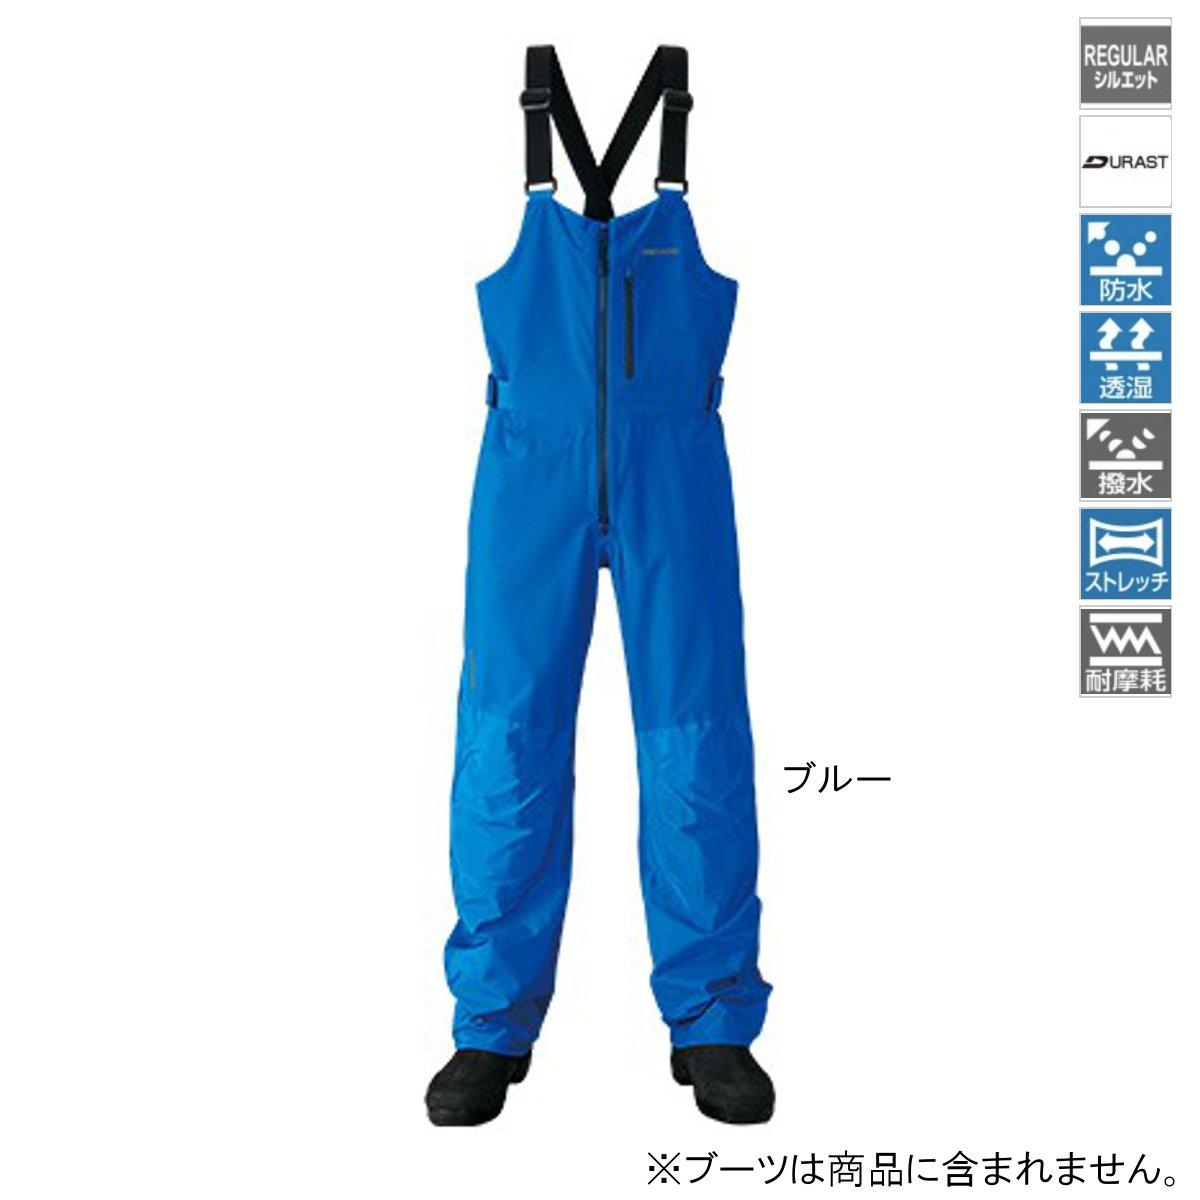 シマノ XEFO・DURASTレインビブ RA-26PS XL ブルー【送料無料】